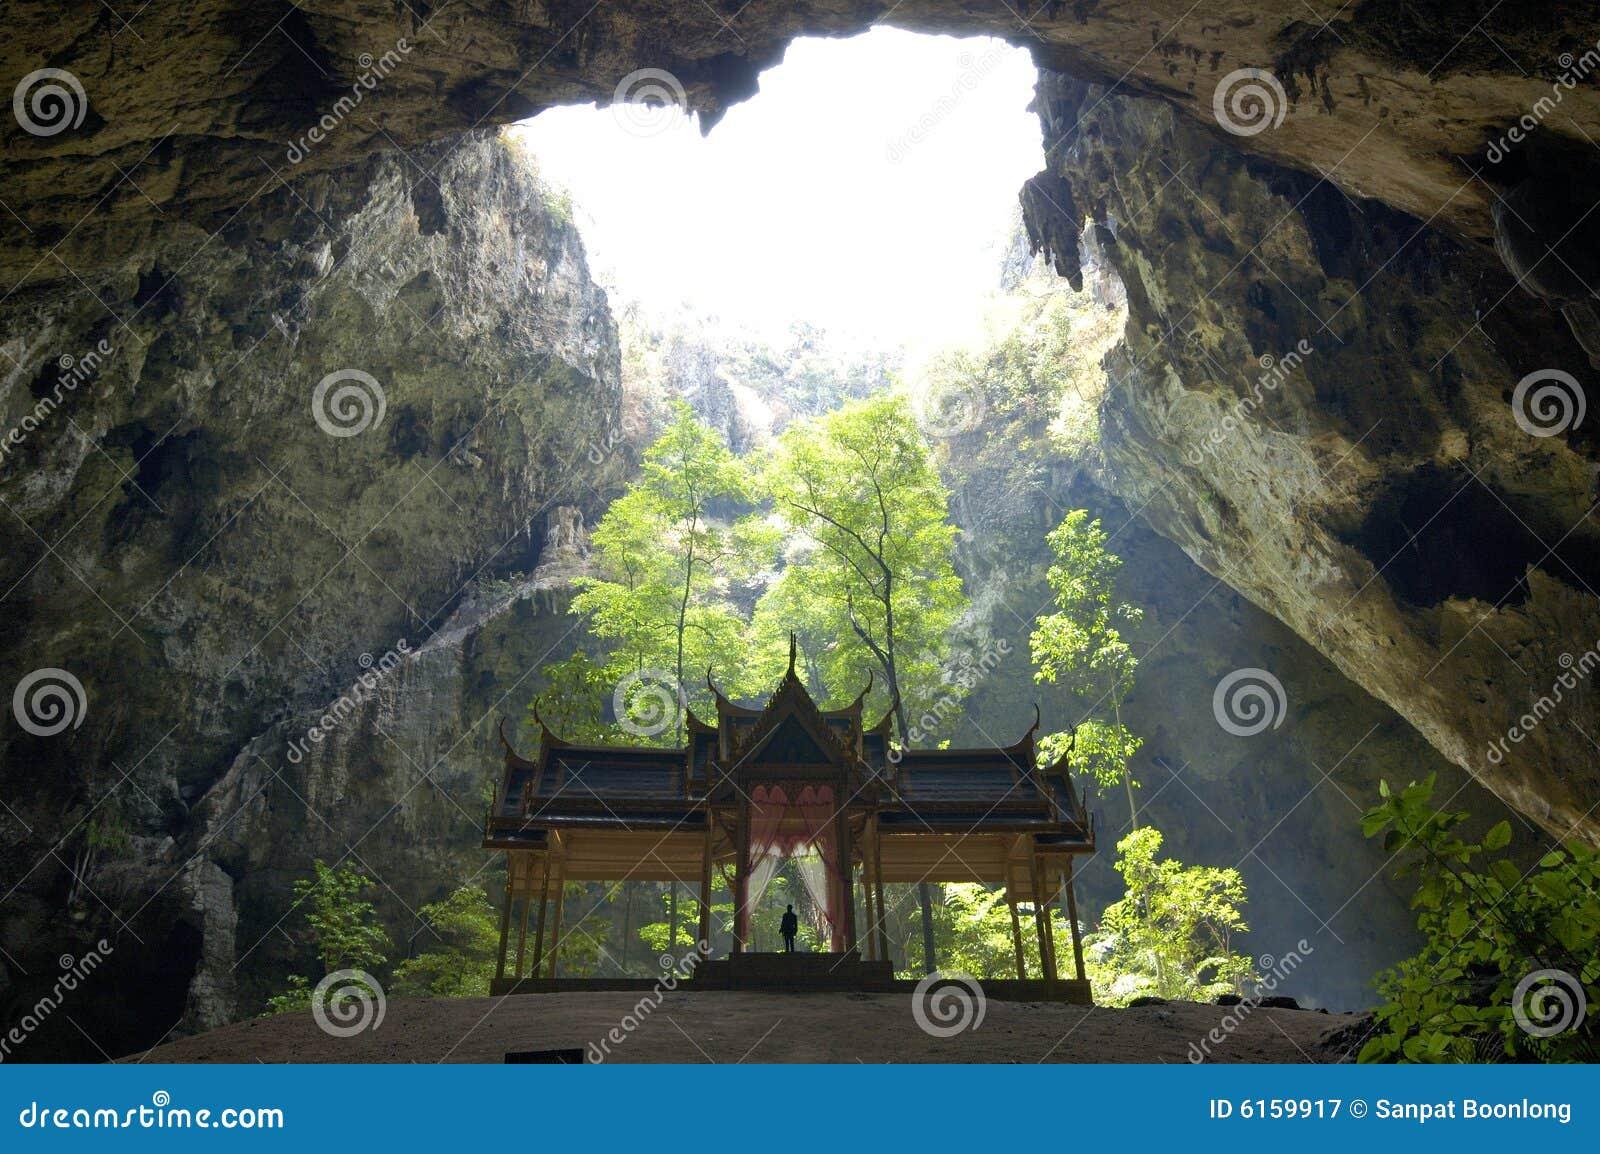 Pavilhão tailandês do chiqueiro em uma caverna.